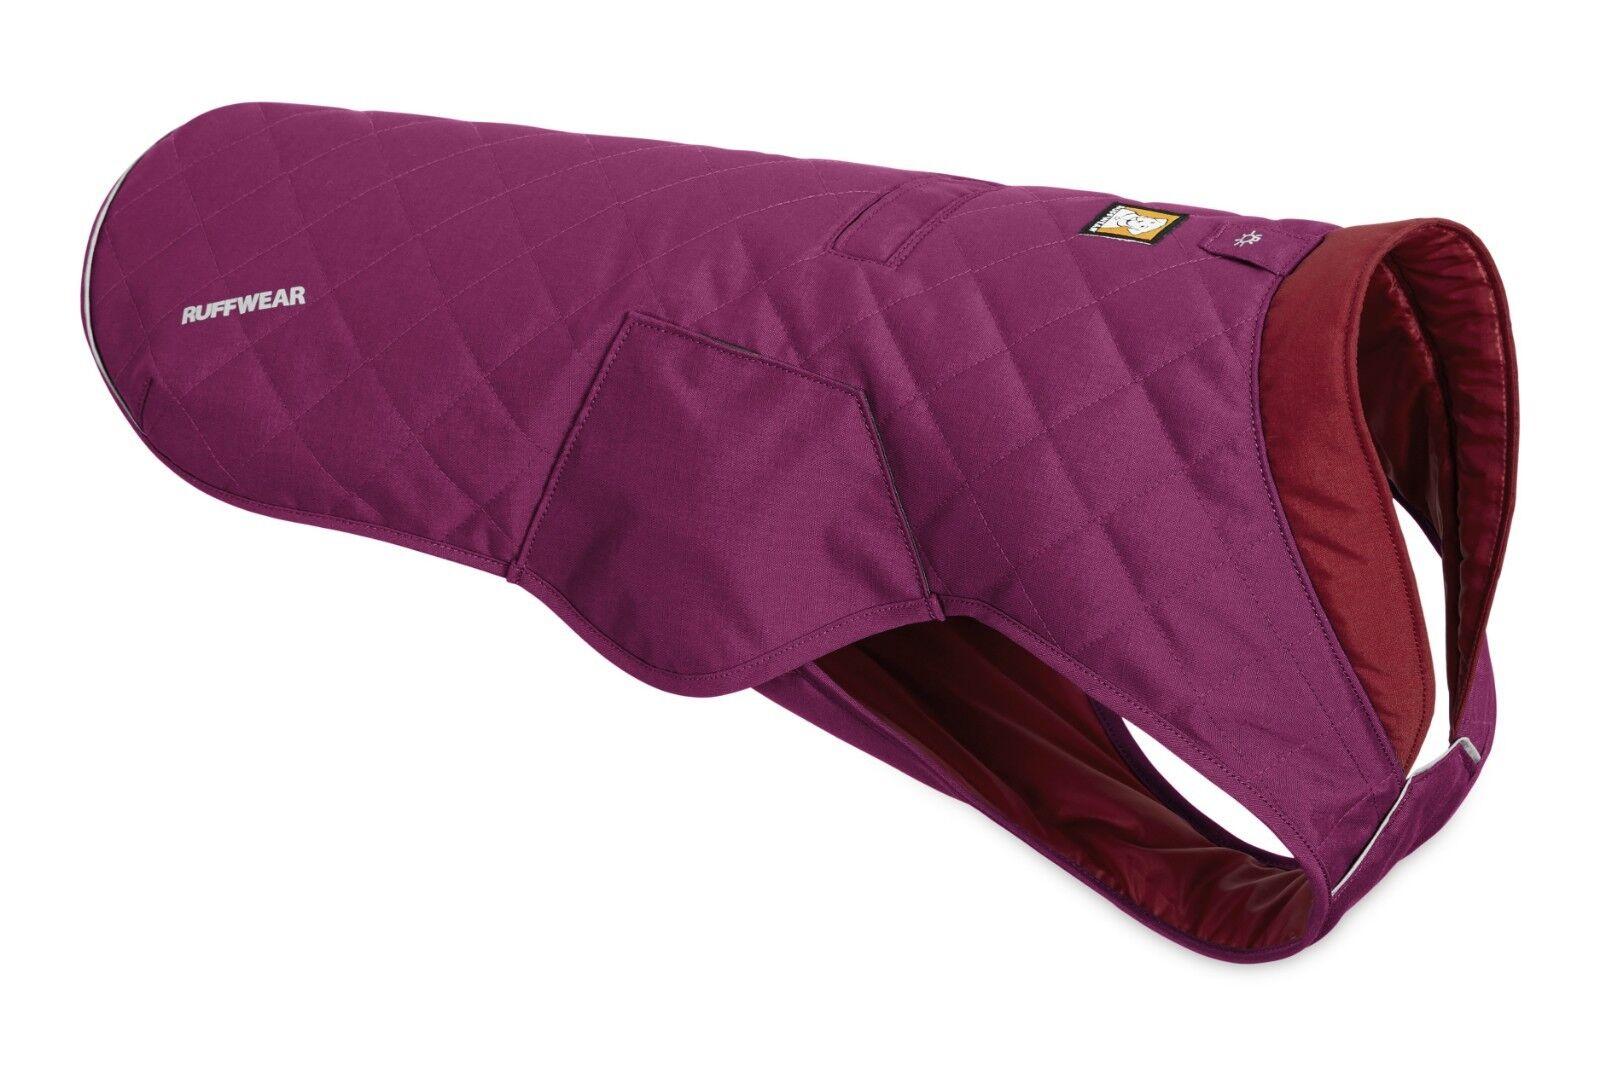 Ruffwear Stumptown Giacca Isolamento Cappotto per Cane 0595580 Blu Viola Nuovo